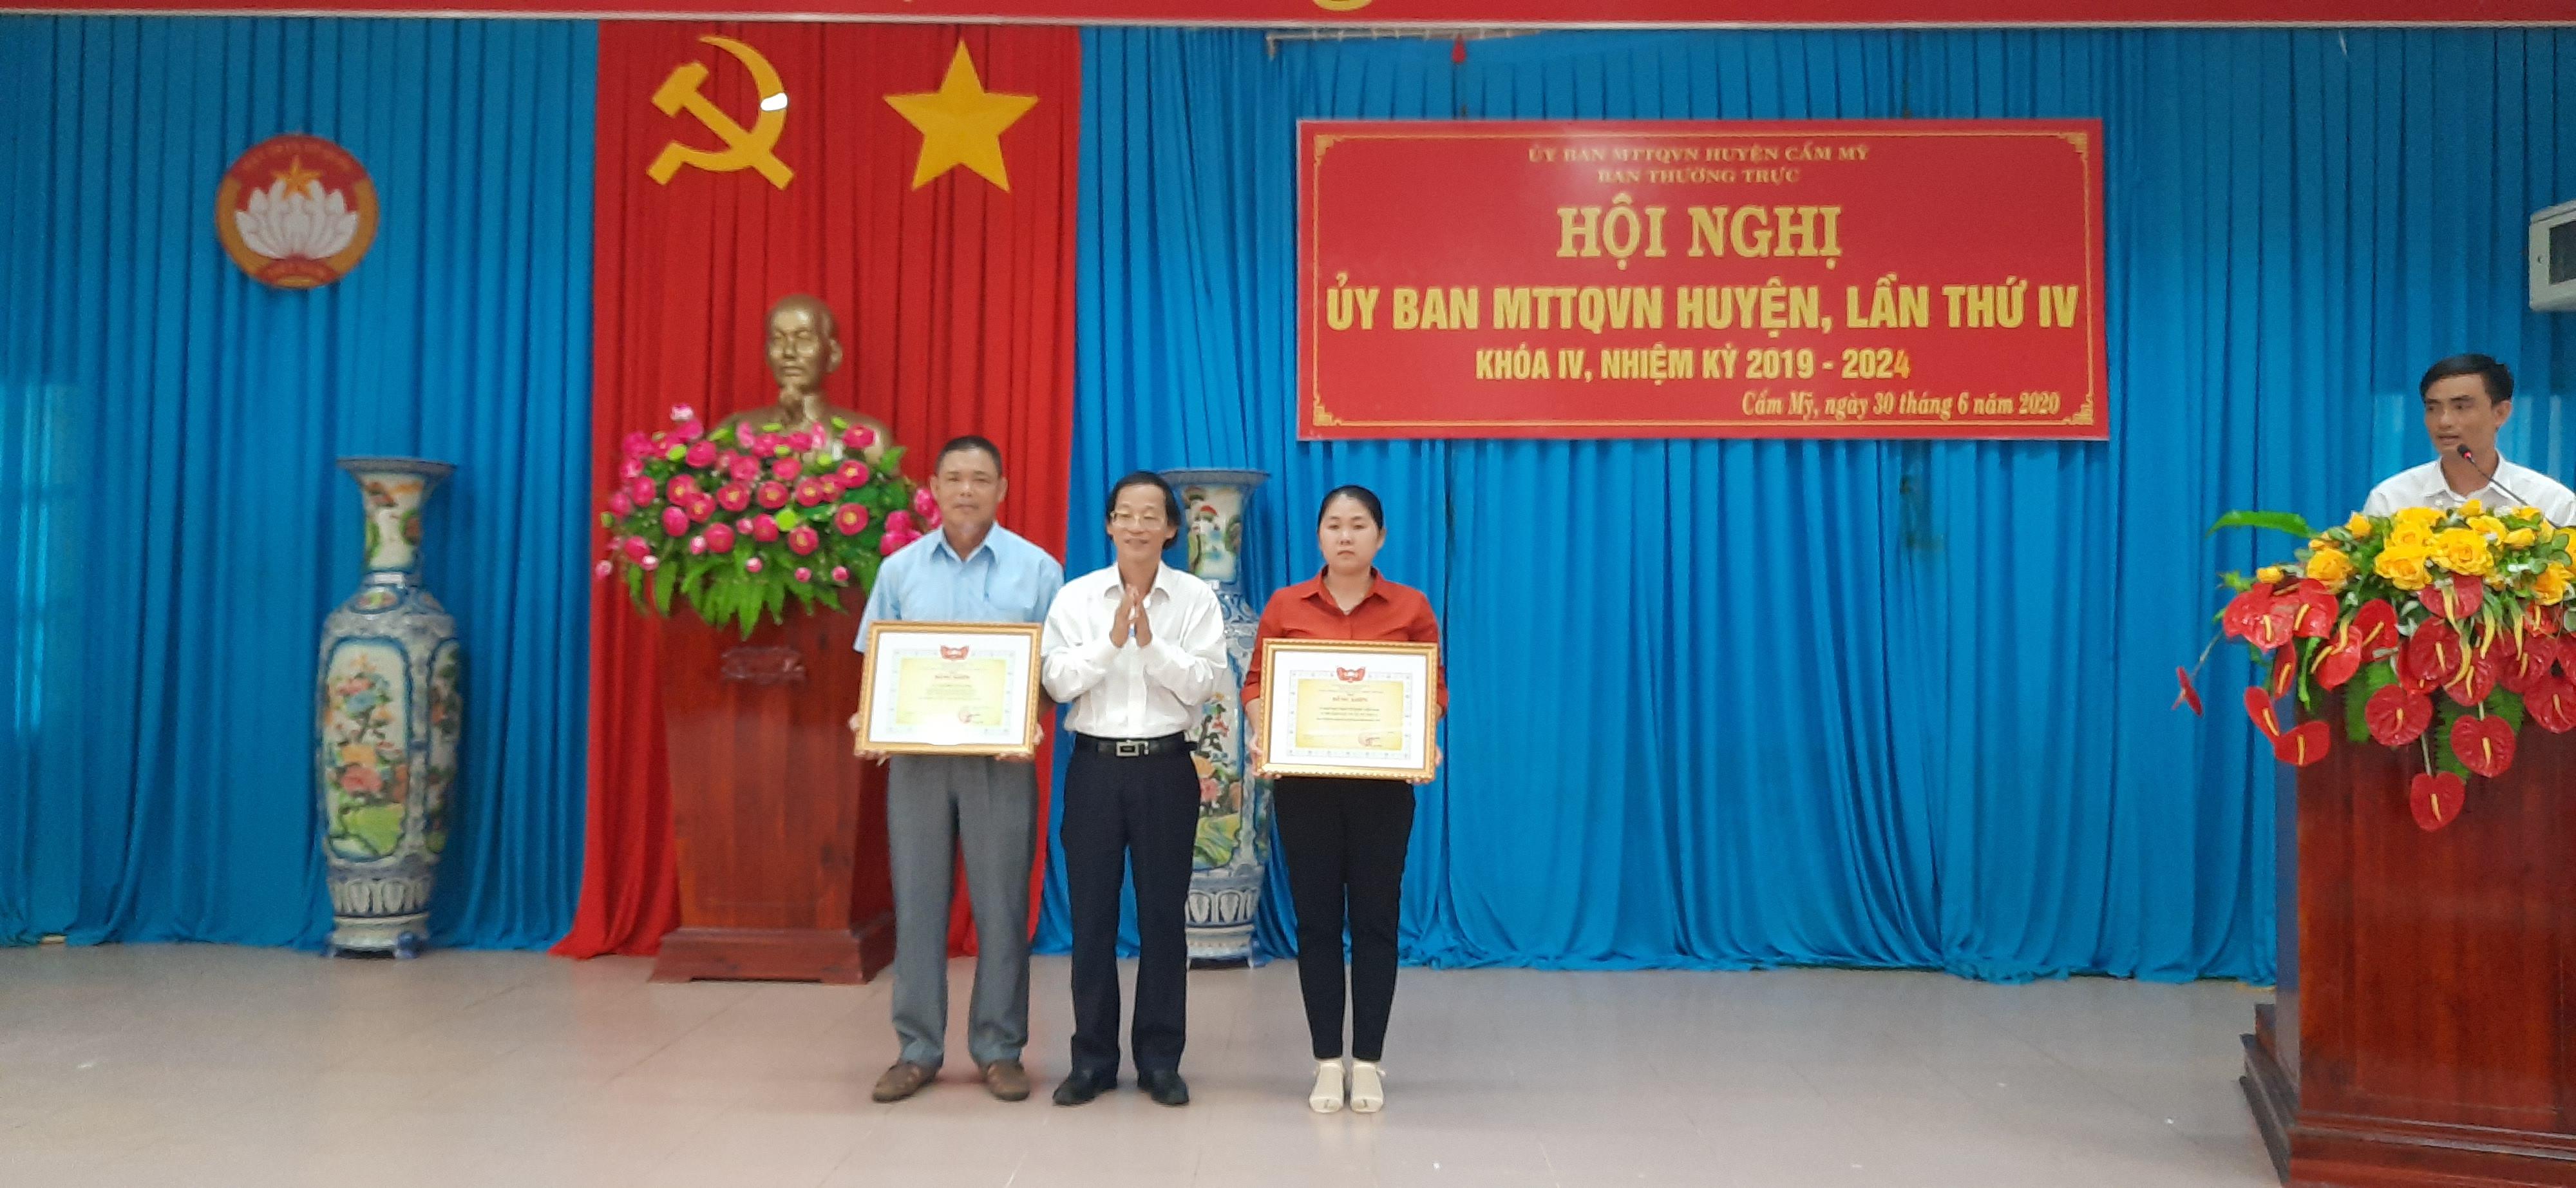 Hội nghị Ủy ban MTTQ Việt Nam huyện Cẩm Mỹ lần thứ Tư sơ kết công tác Mặt trận 6 tháng 2020.